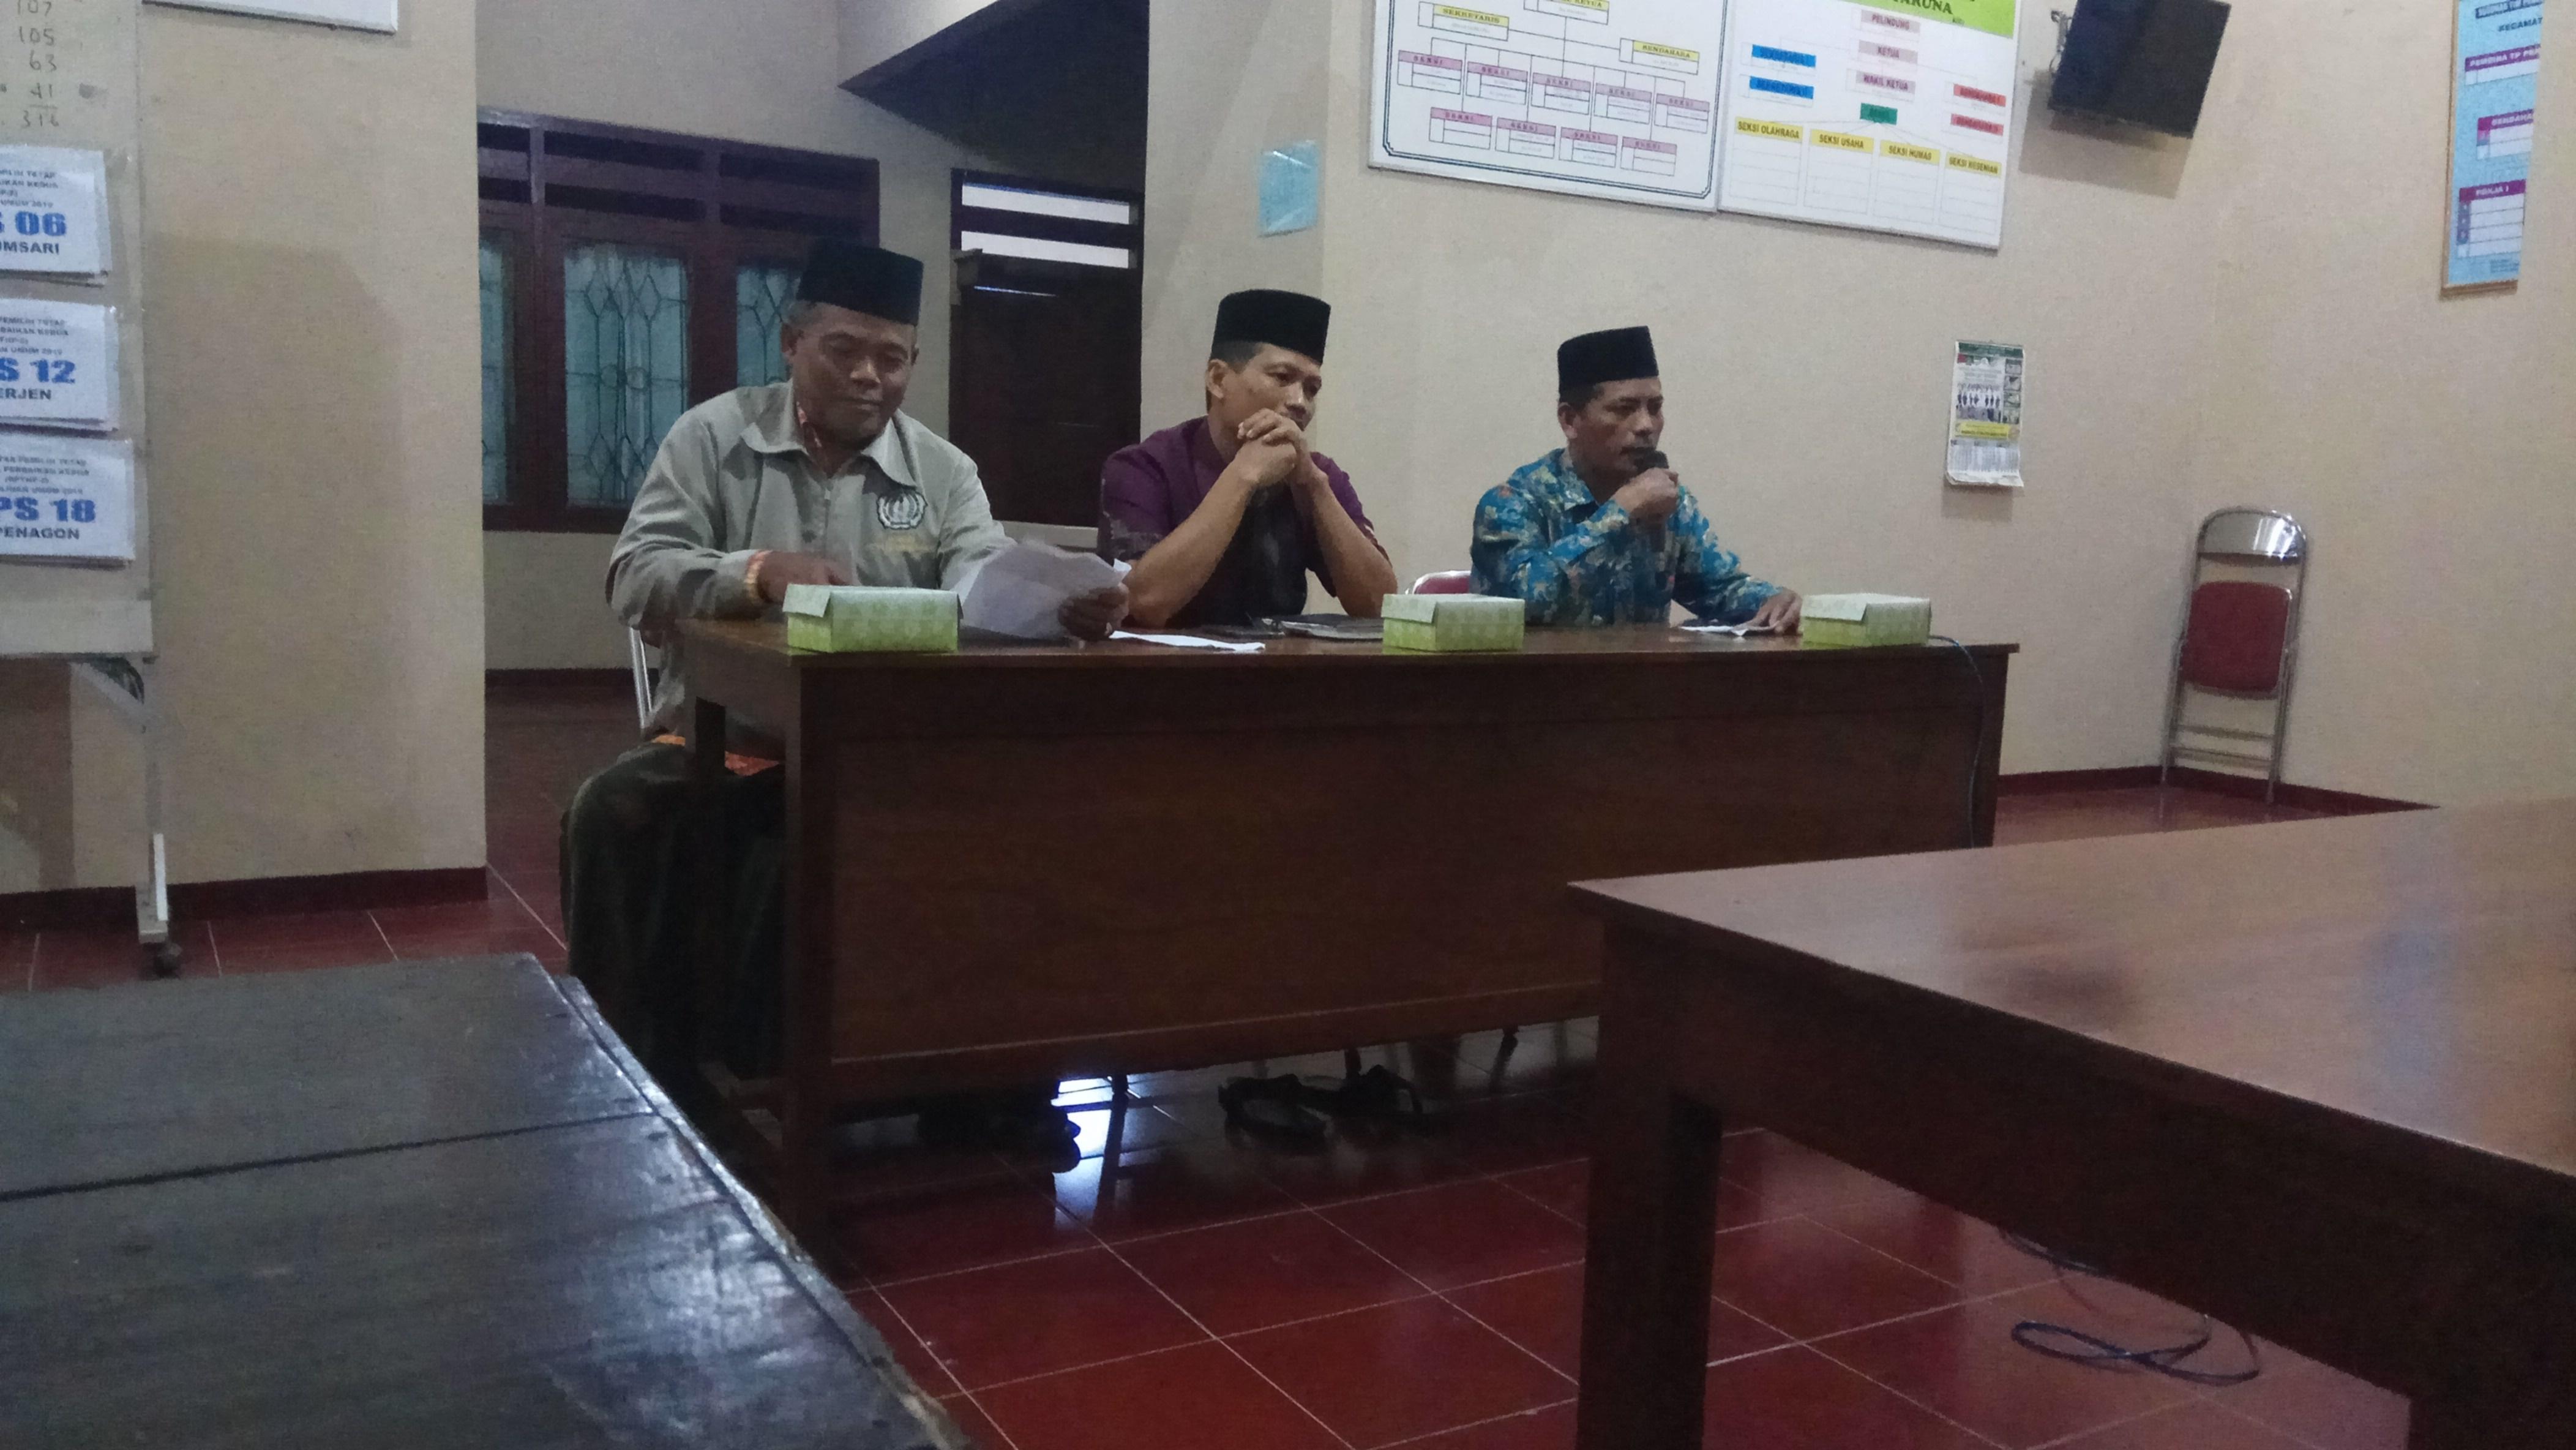 Dari kiri ke kanan : Petinggi Desa Nalumsari, Ketua BPD Desa Nalumsari, Moderator